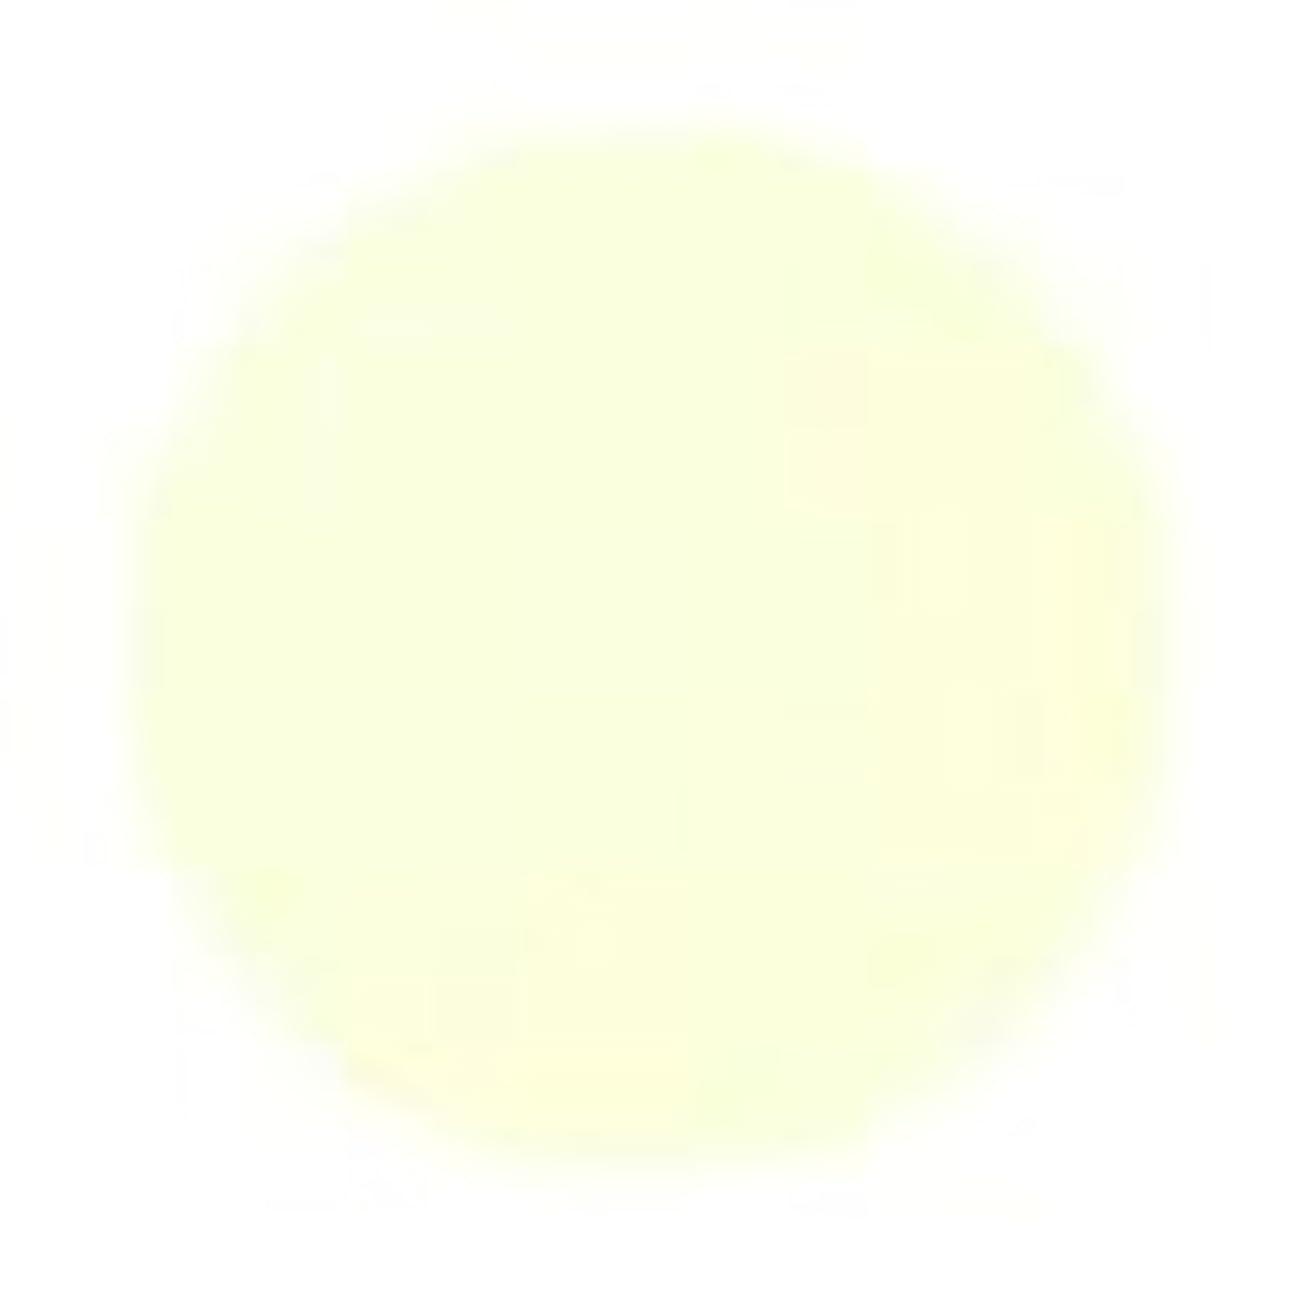 モンキーまろやかな不均一Jessica ジェレレーション カラー 15ml  557 ウエディンウグガウン